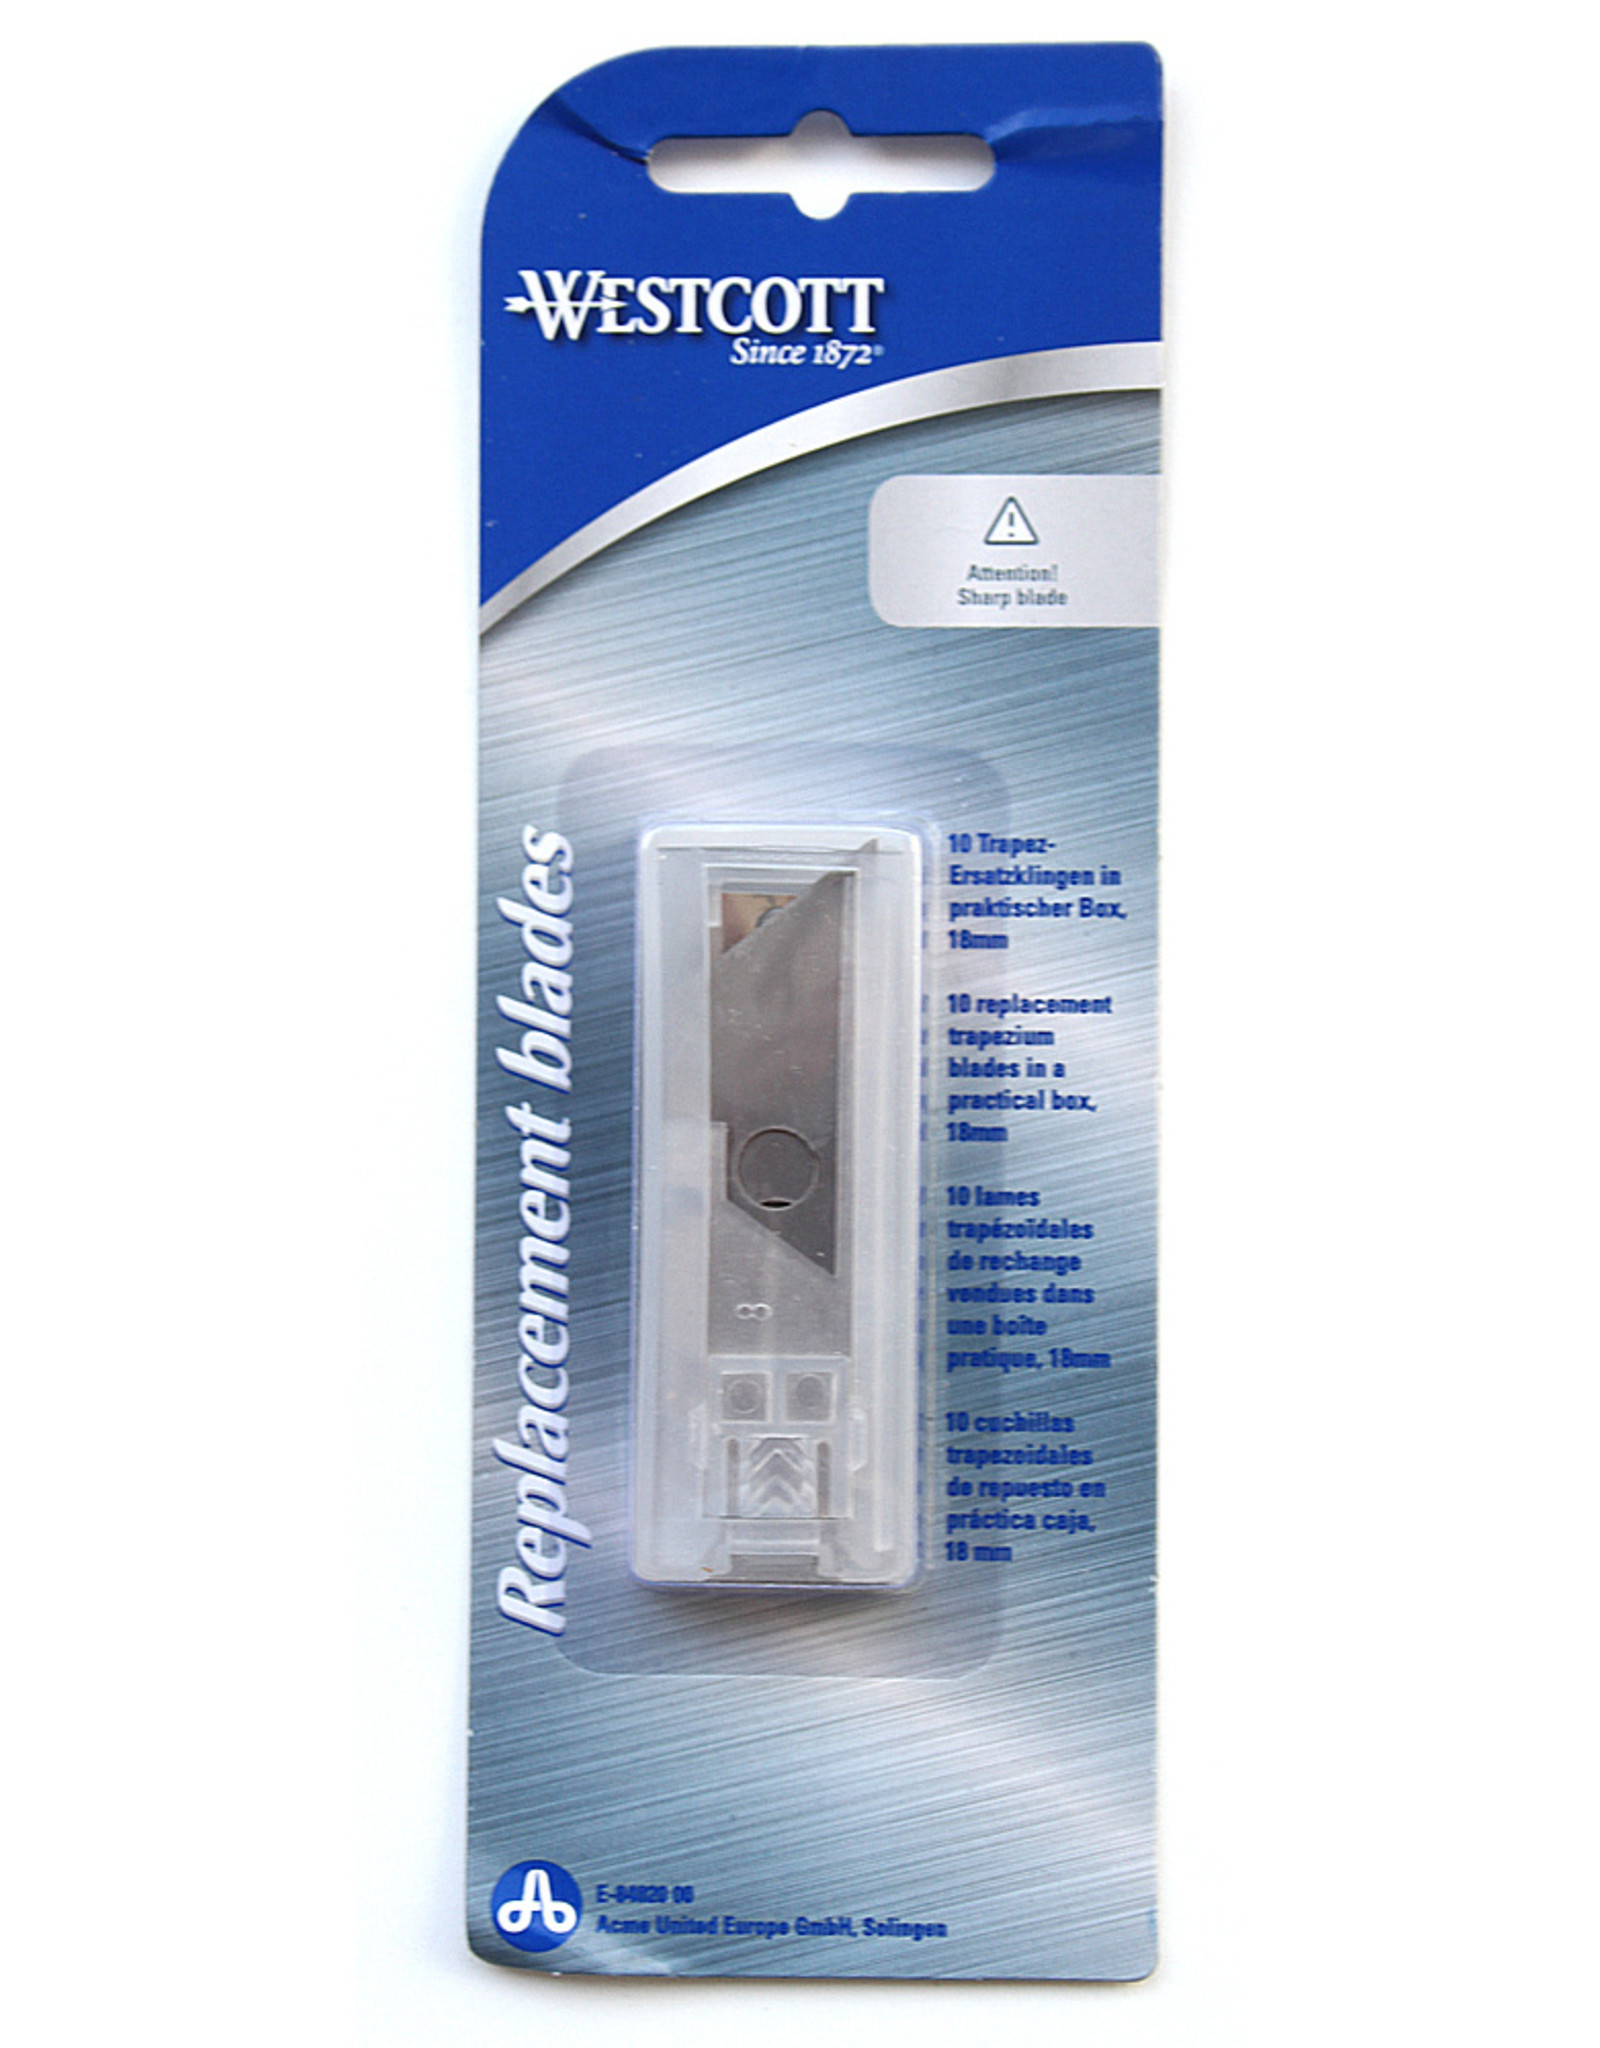 westcott 3x10 Breekmes Reservermesjes 9mm Westcott